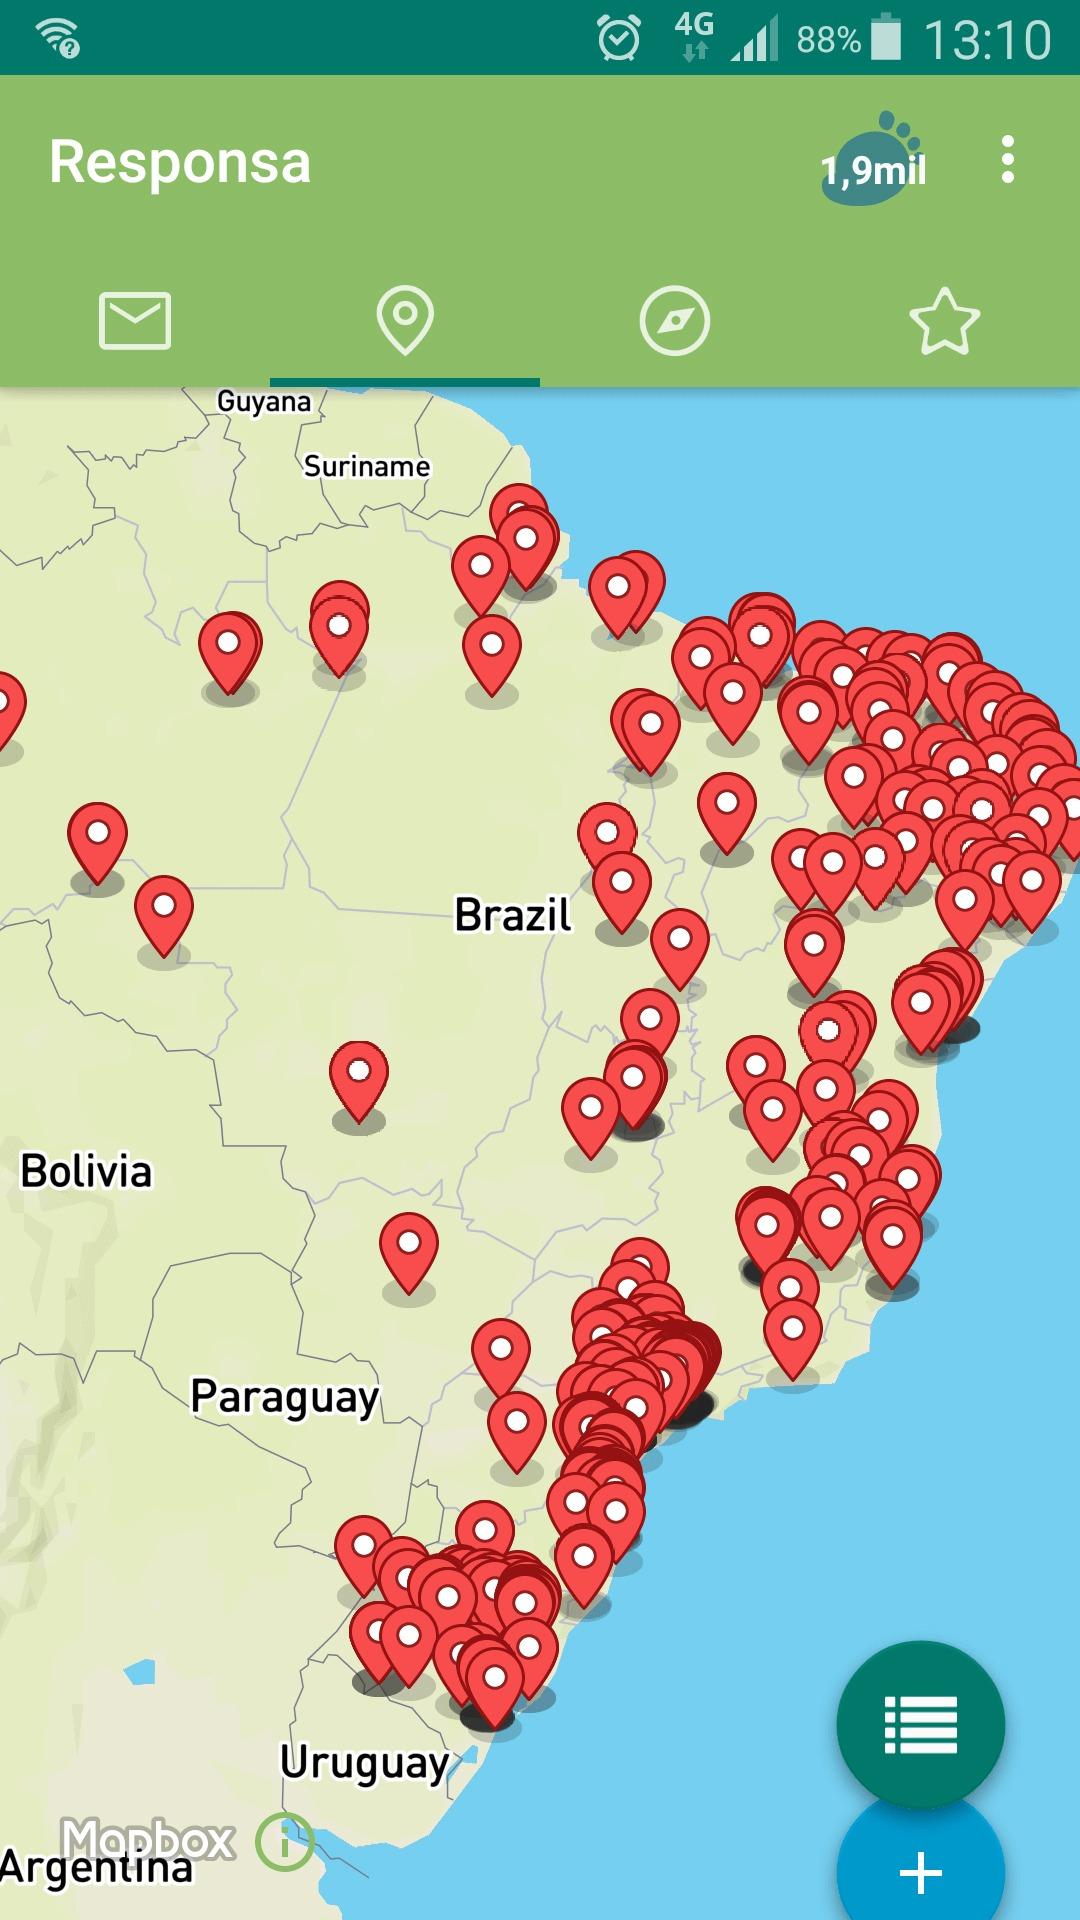 mapa com todos os locais onde vende organicos